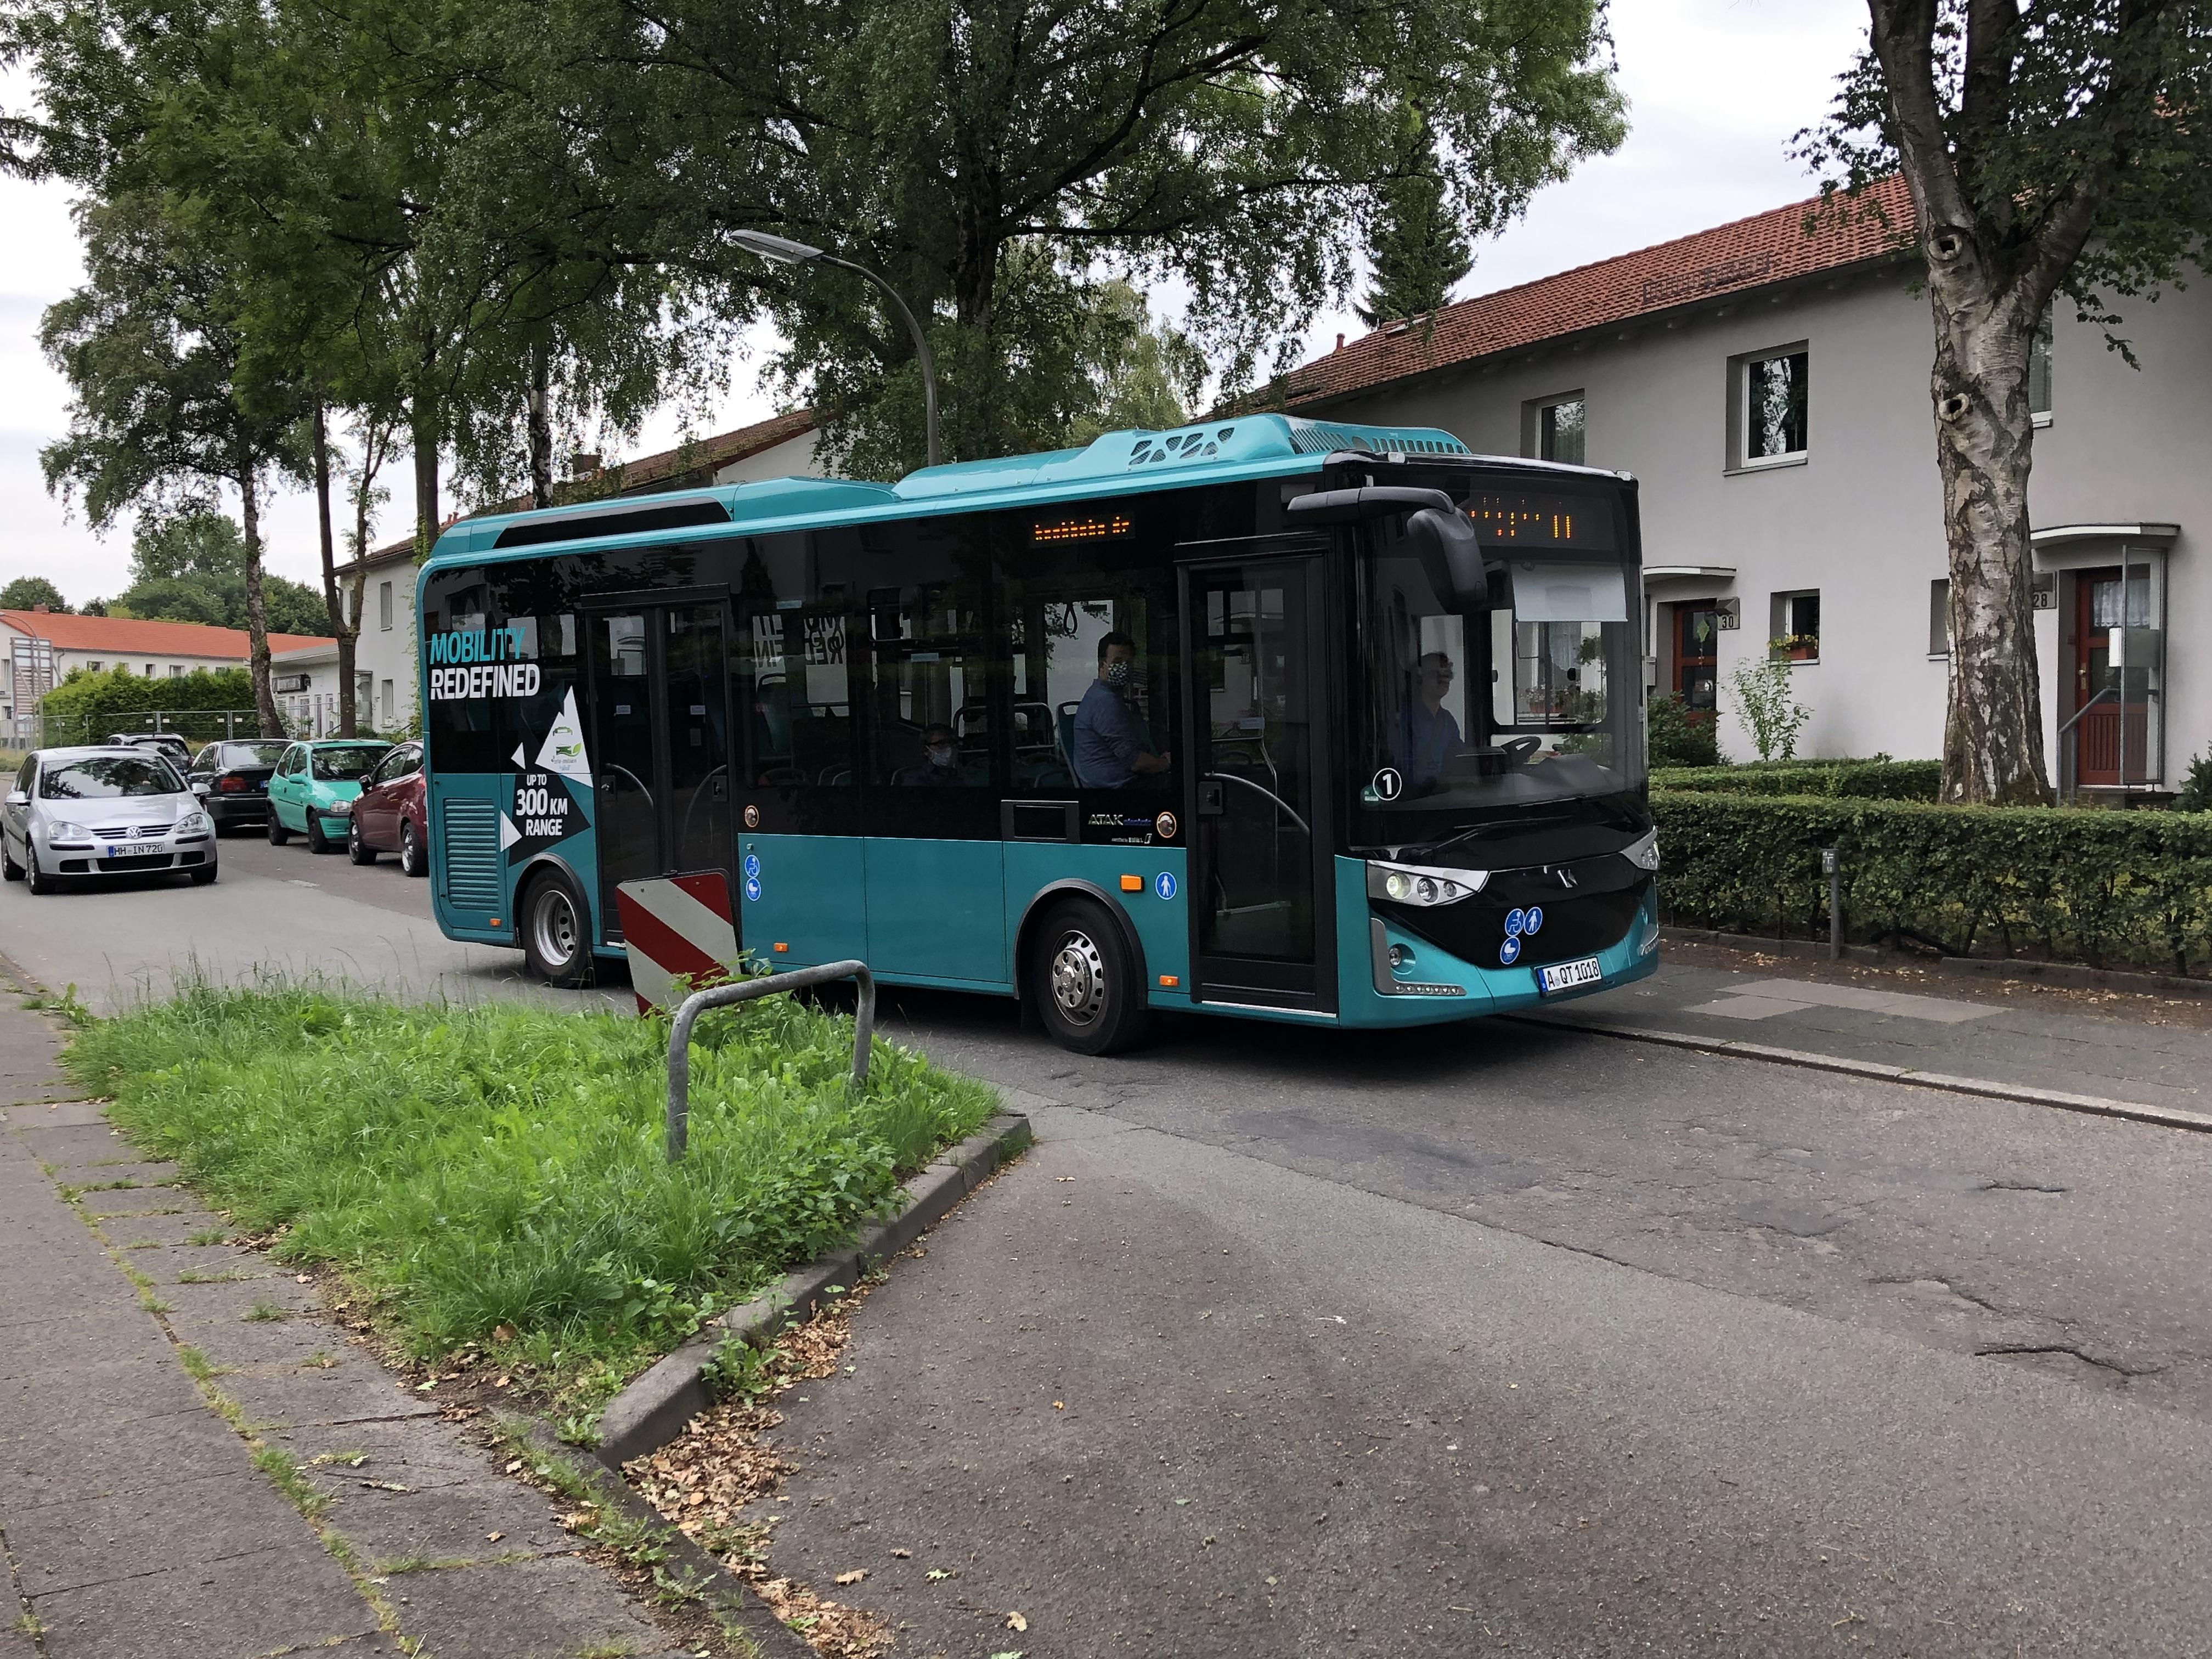 Quartiersbus umfährt Hindernis